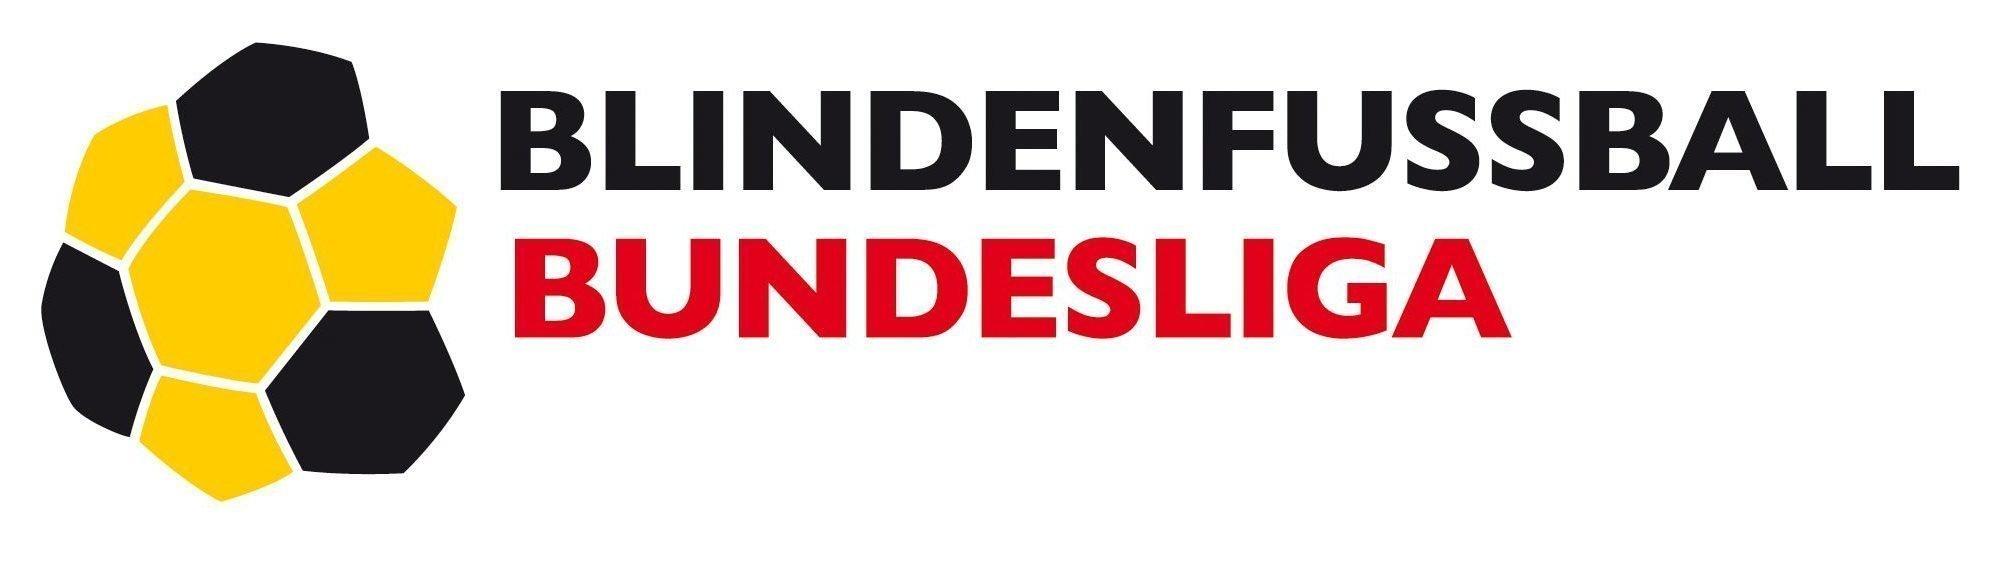 Das Logo der Blindenfußball-Bundesliga